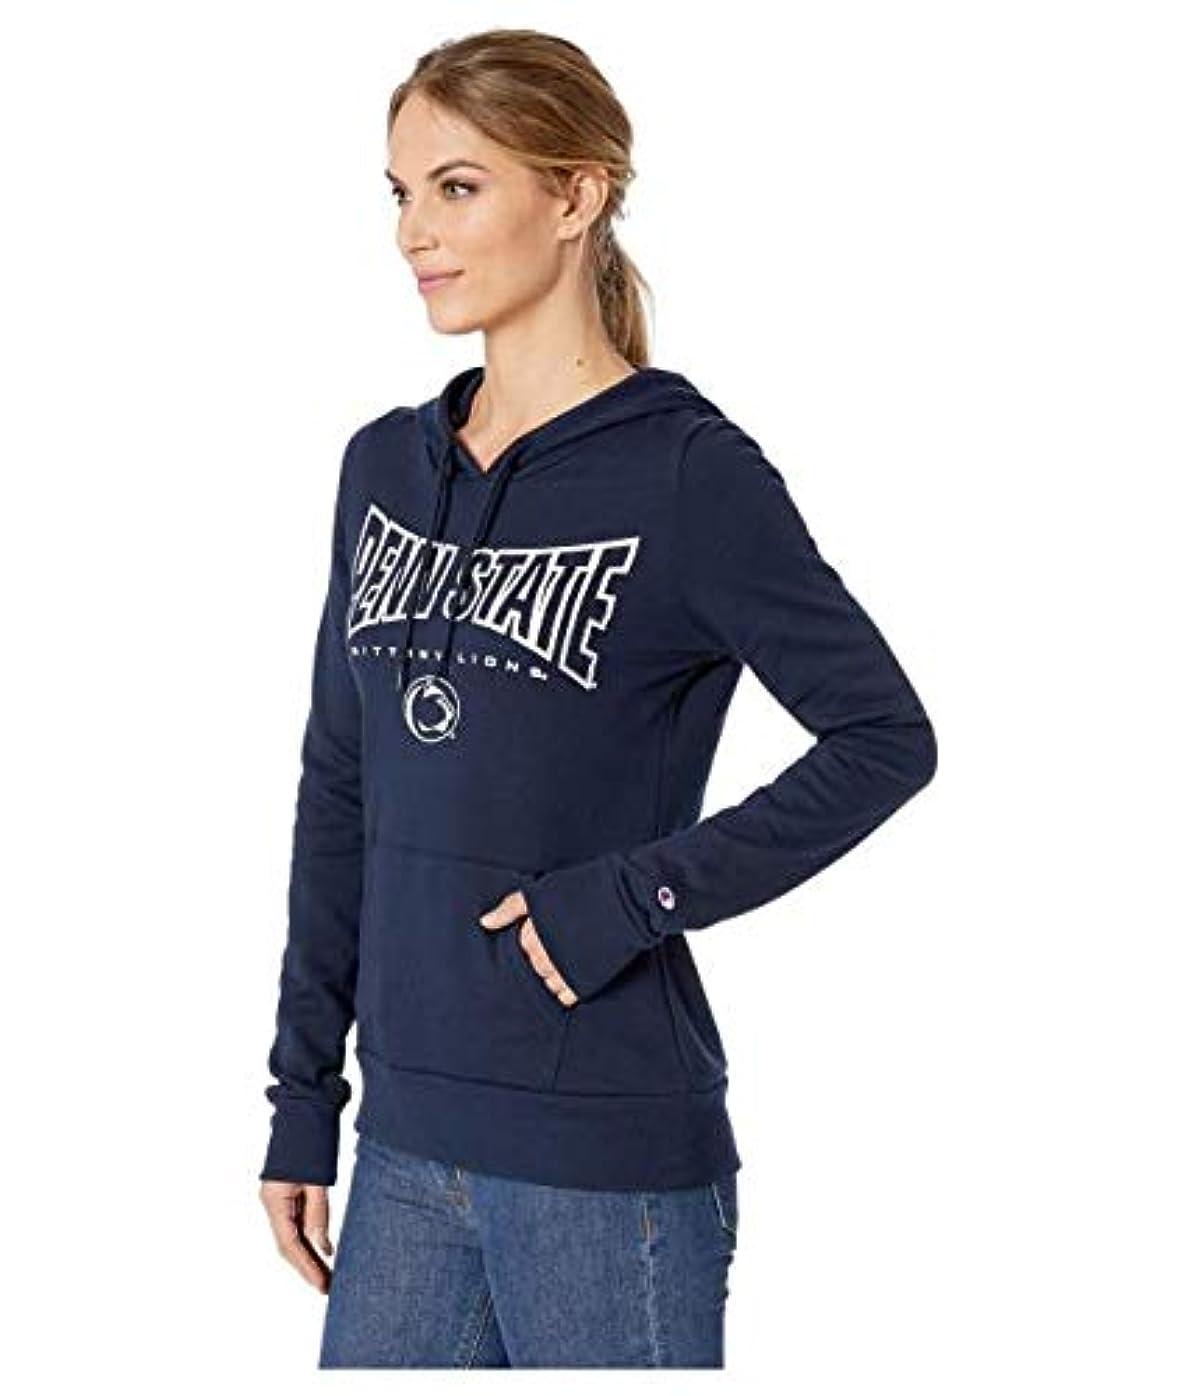 違反弾丸ログChampion College Penn State Nittany Lions Eco University Fleece Hoodie 服 LG 【並行輸入品】